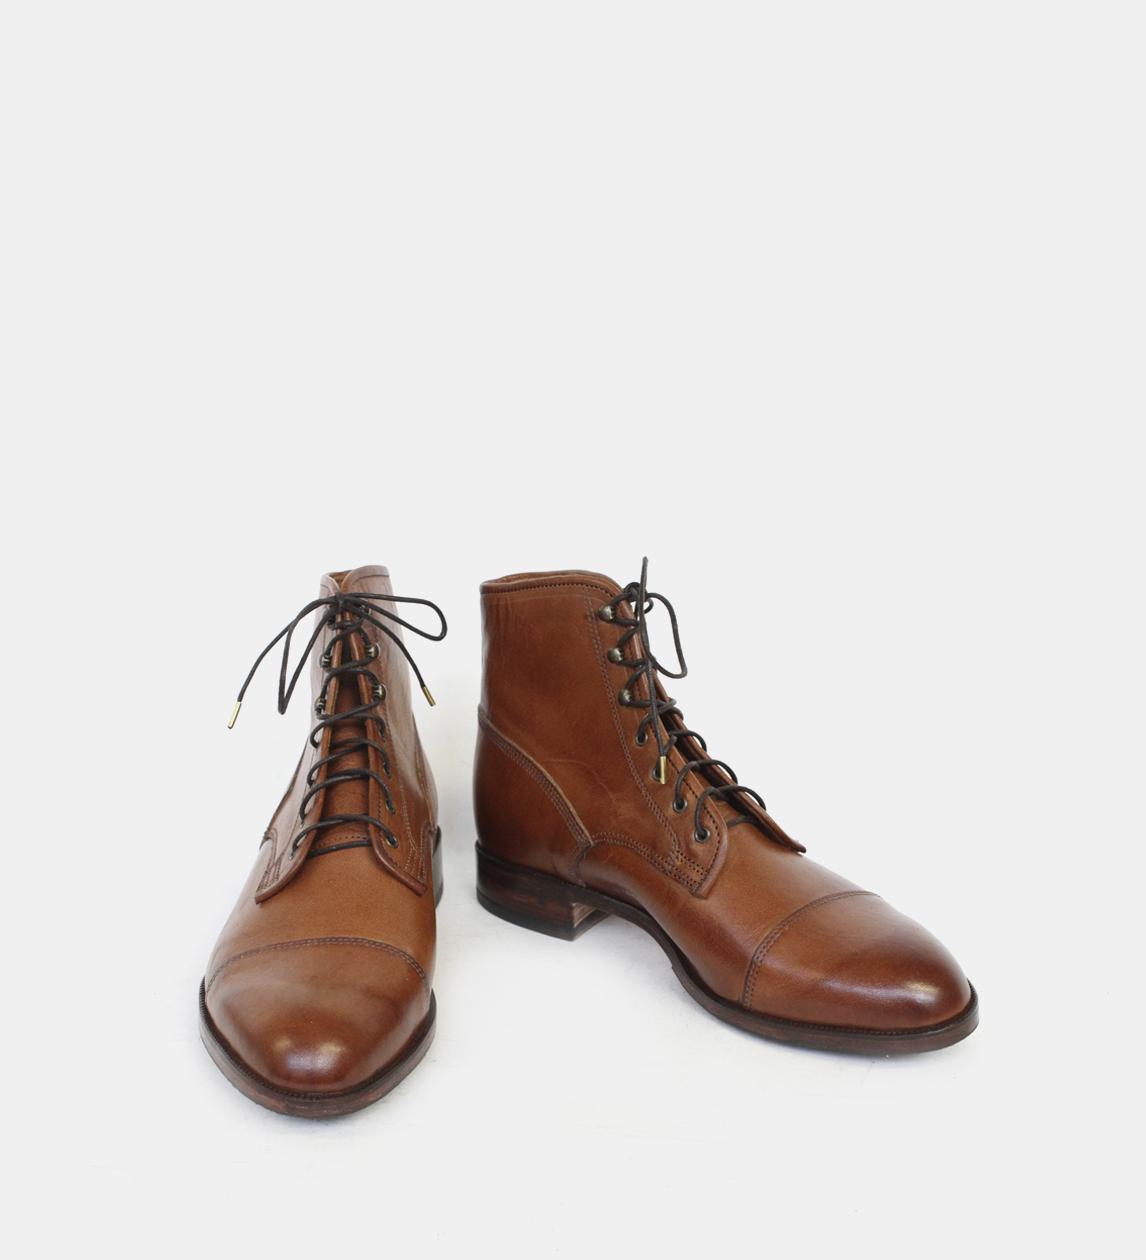 Shoe Shop Cambridge Nz